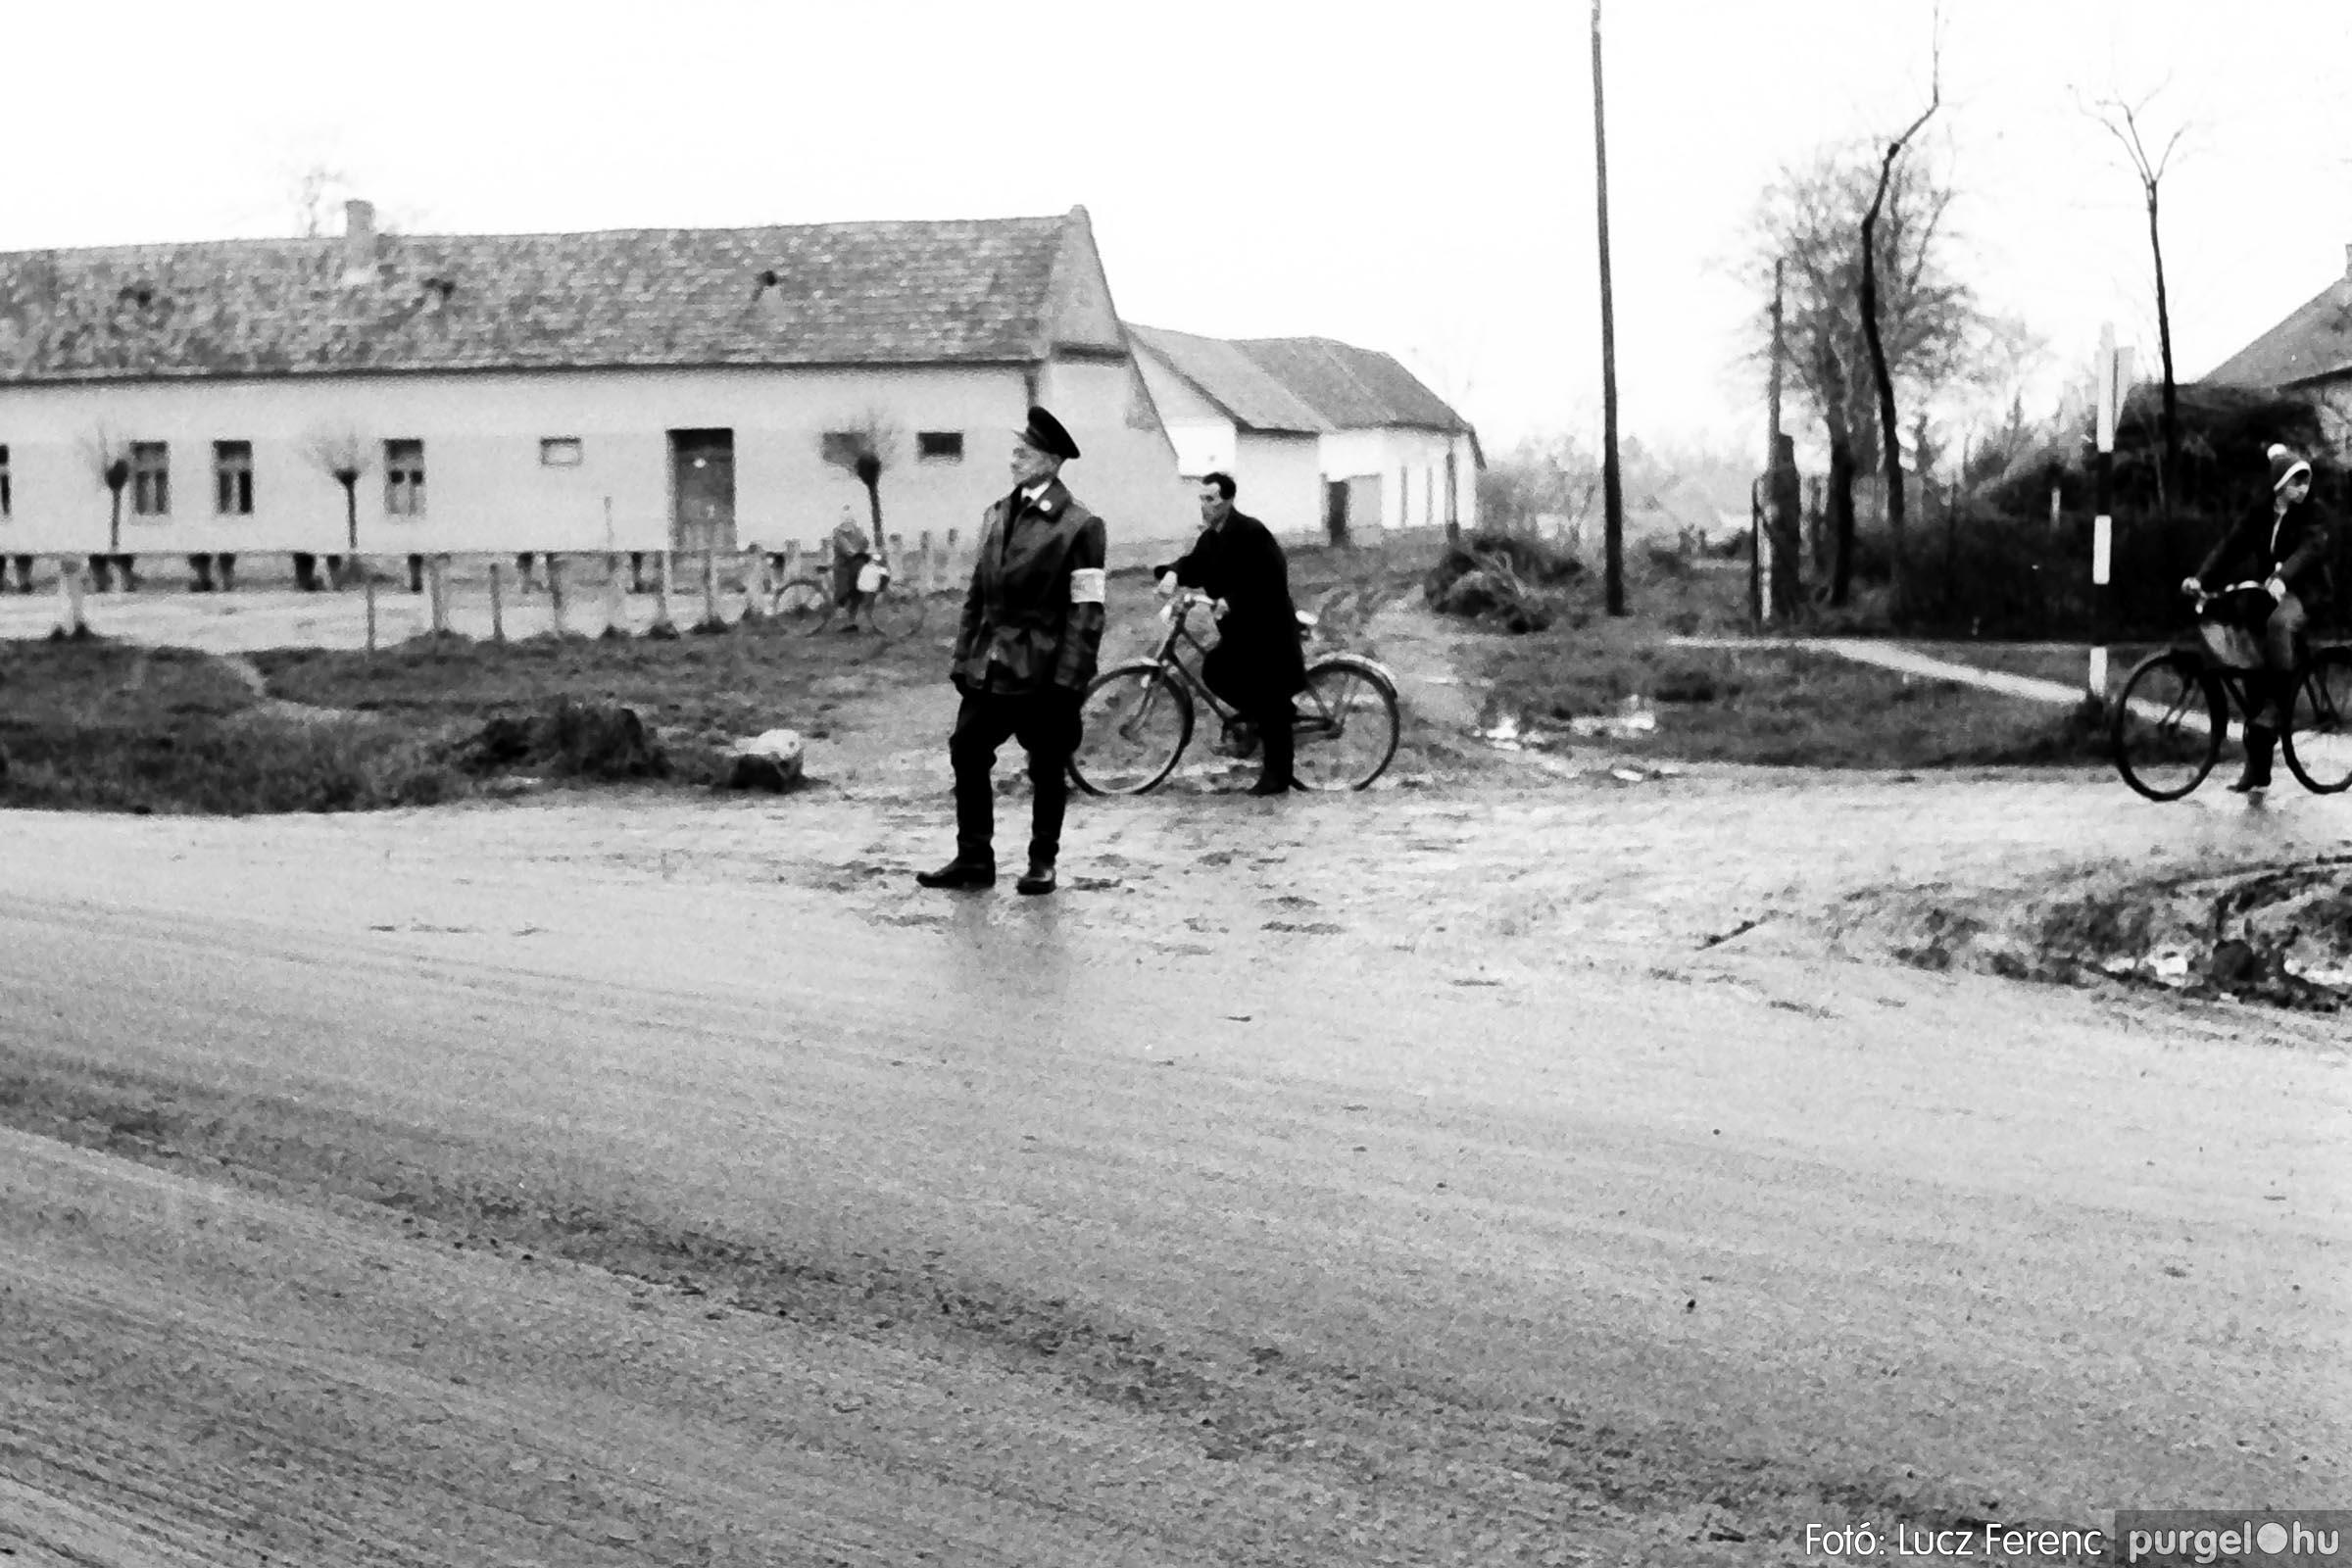 008 1975.04.04. Április 4-i ünnepség 026 - Fotó: Lucz Ferenc IMG00149q.jpg